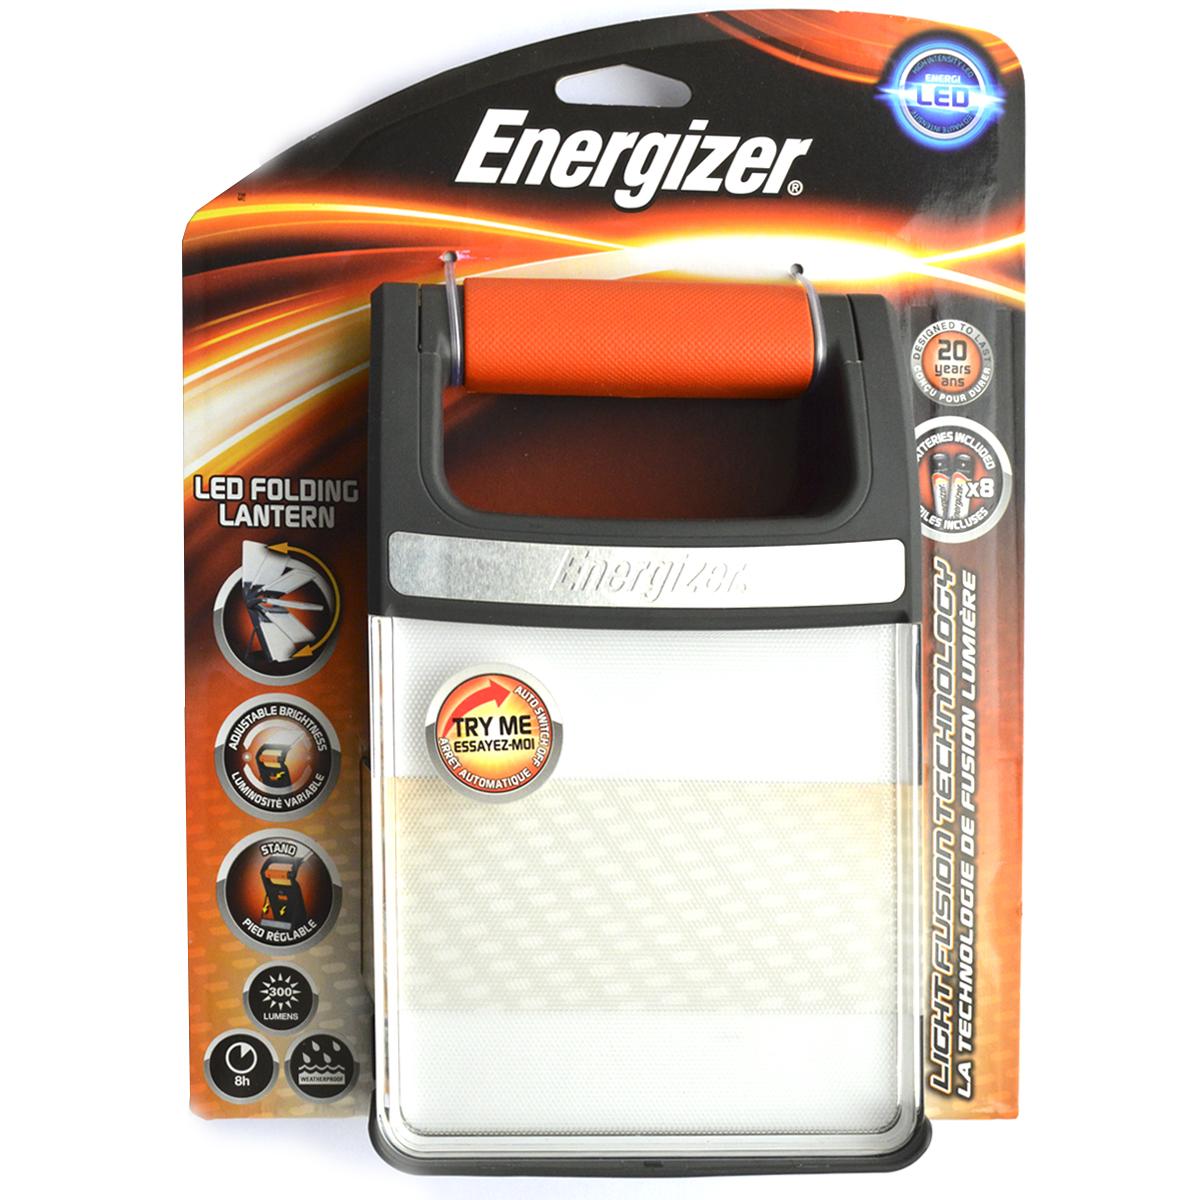 Фонарь ручной Energizer Fusion Lant FFL81E638505Компактное, универсальное и мощное освещение широкой направленности Технология рассеянного света для интенсивного ровного распределения освещения Уникальная оптика с текстурированной поверхностью Устойчивый к атмосферным воздействиям и легкий, идеально подходит для всех видов деятельности на открытом воздухе Работа от 4 батареек типоразмера АА и от 8 батареек типоразмера АА Подставка для устойчивого расположения на столе Легко подвешивается за ручку Прочный: рассчитан на 15 лет